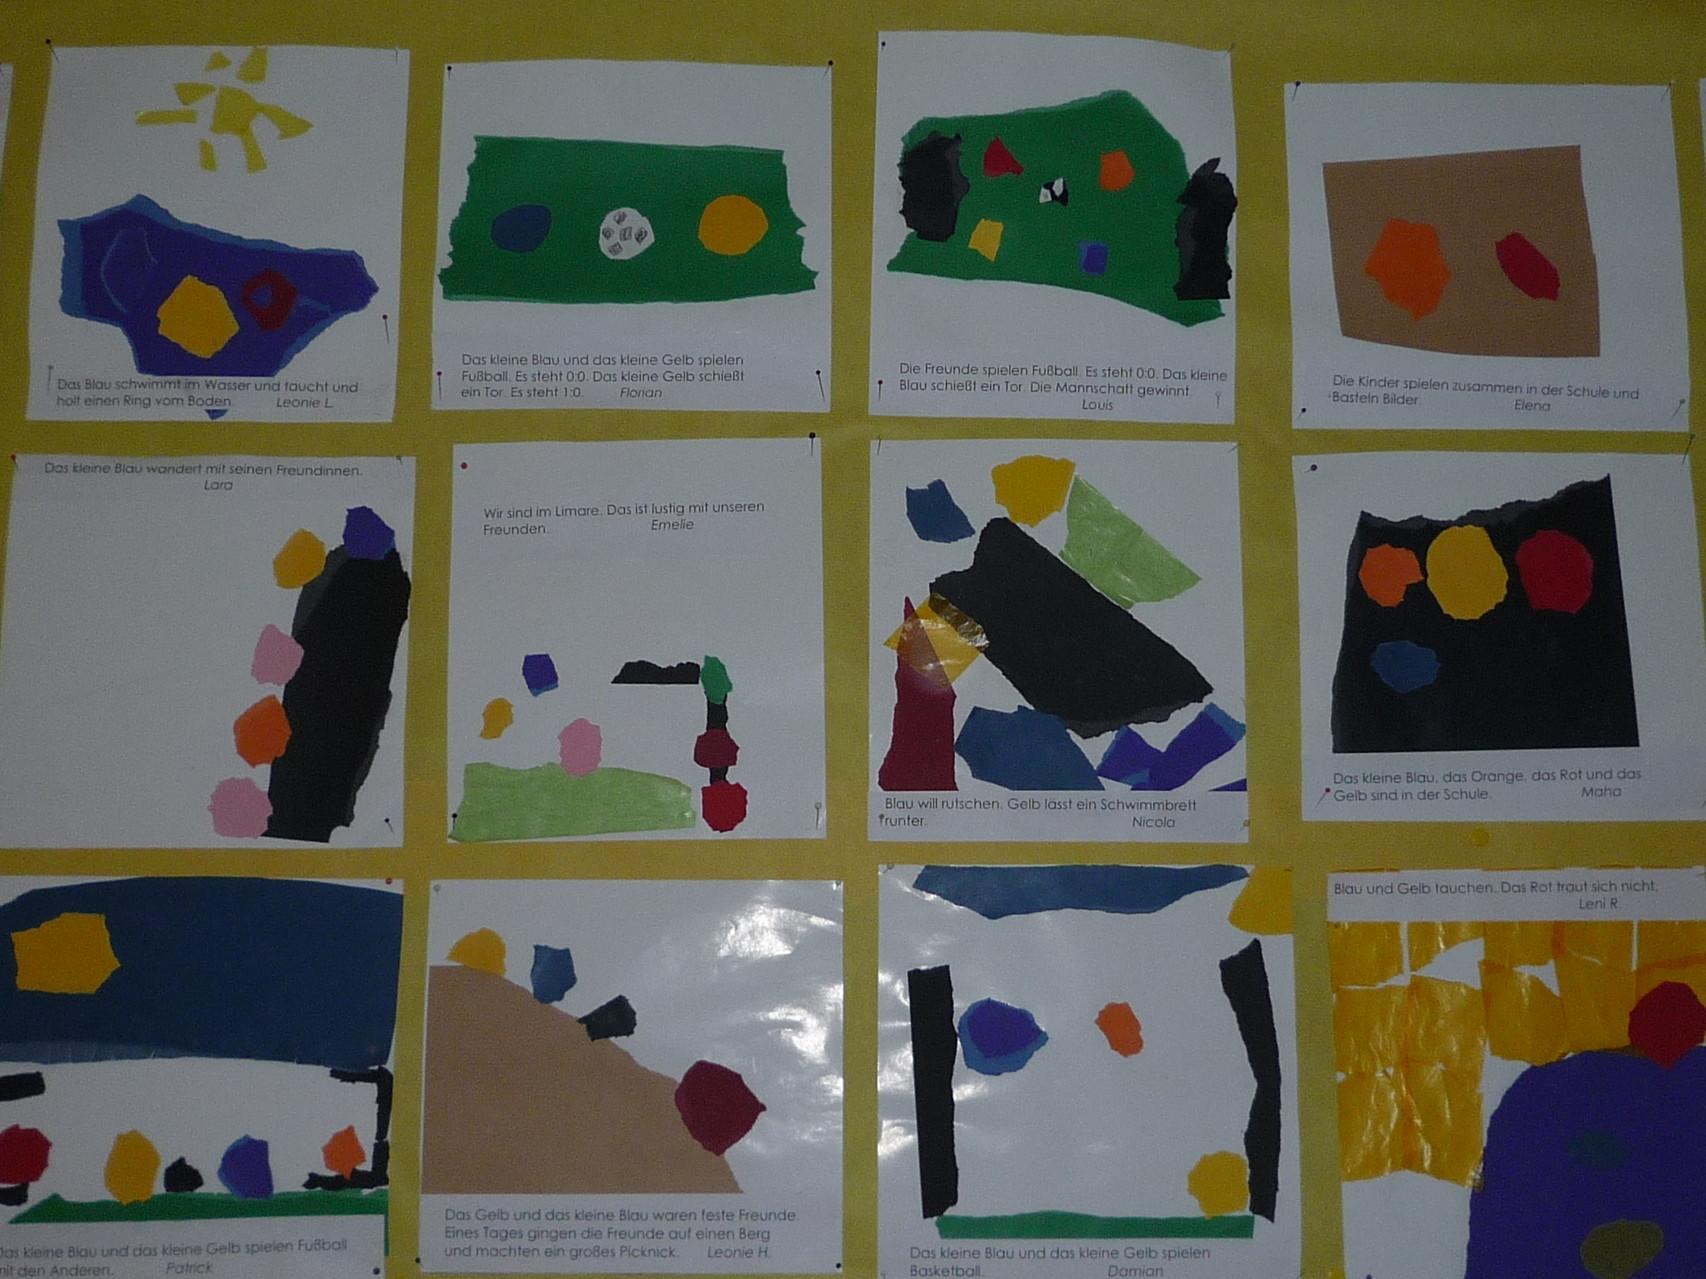 Eine Geschichte von Farben und Formen erfinden